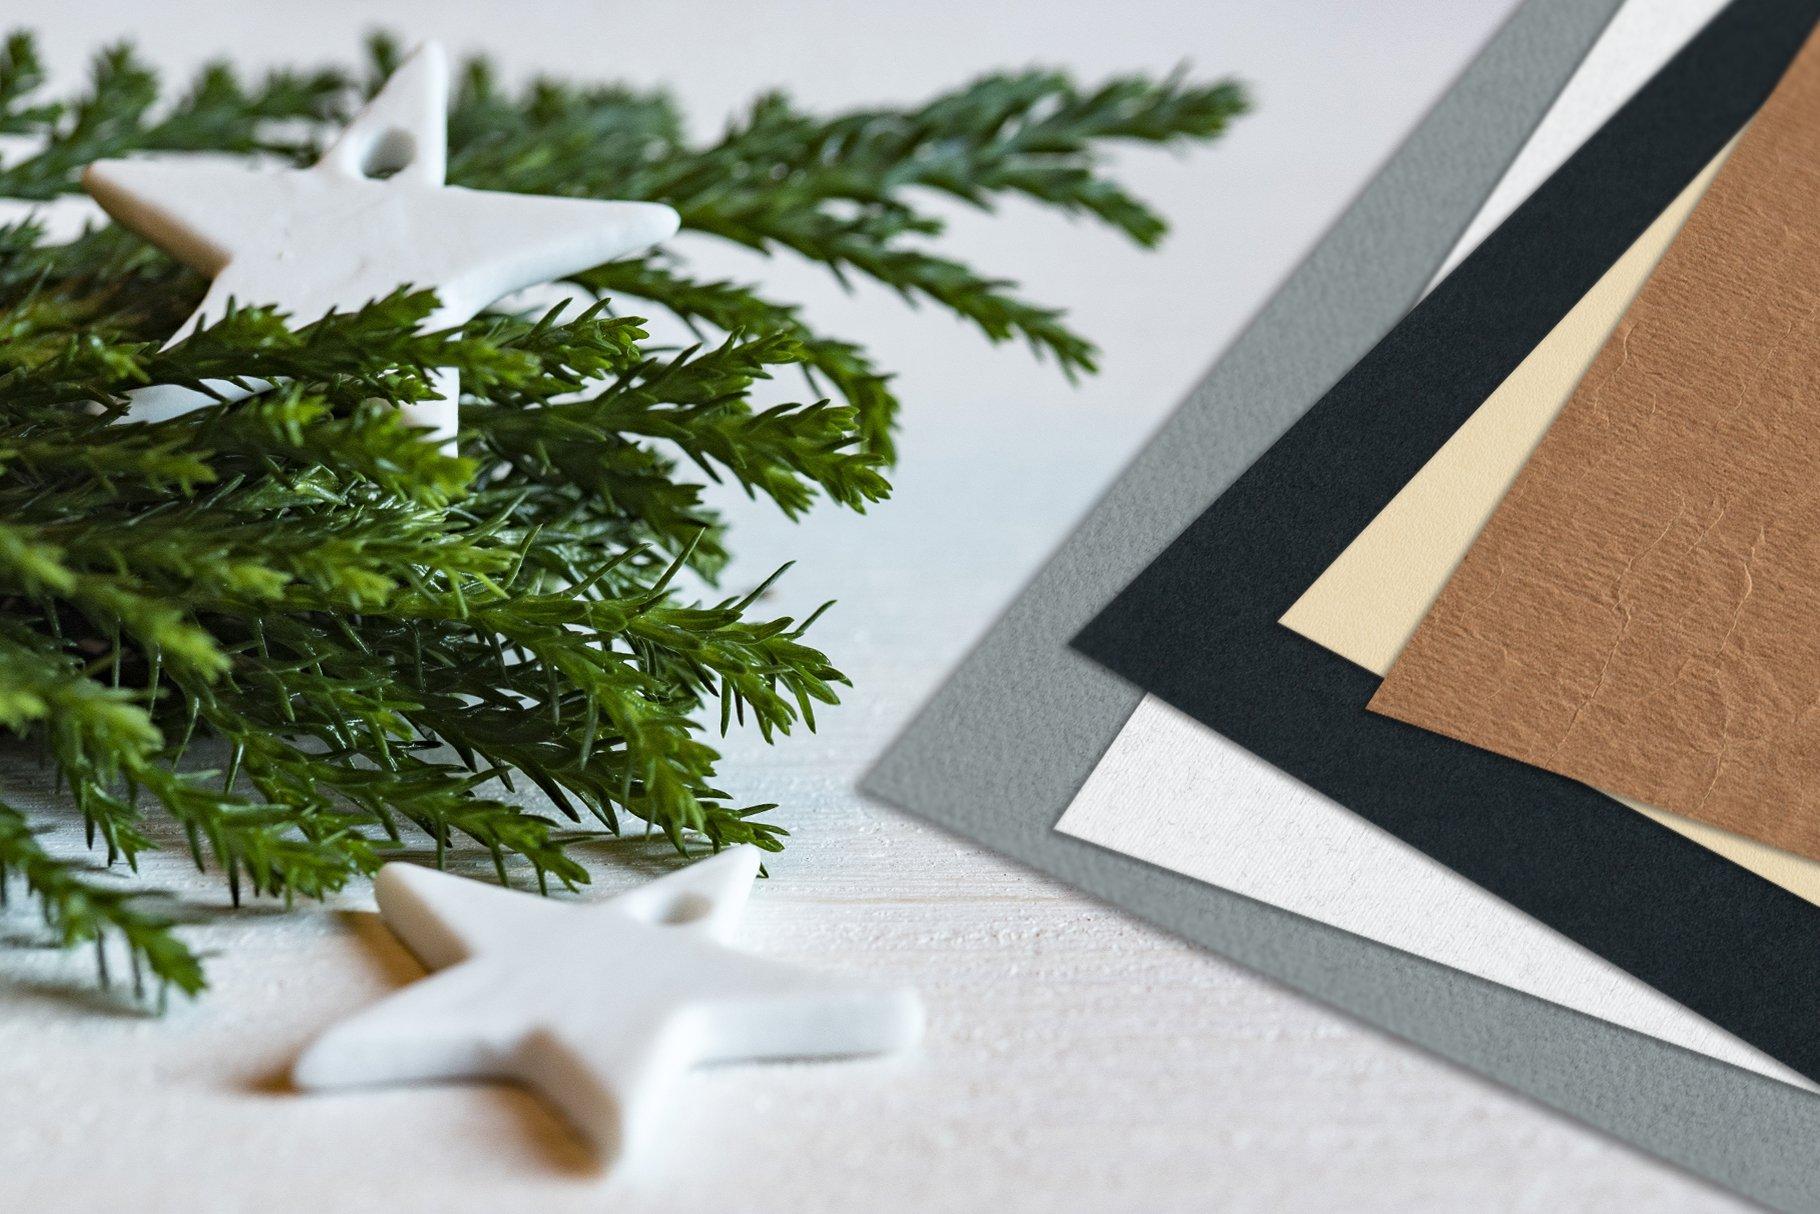 30款复古牛皮纸纸质纹理印刷品设计背景图片素材 Watercolor Paper Texture Collection插图5